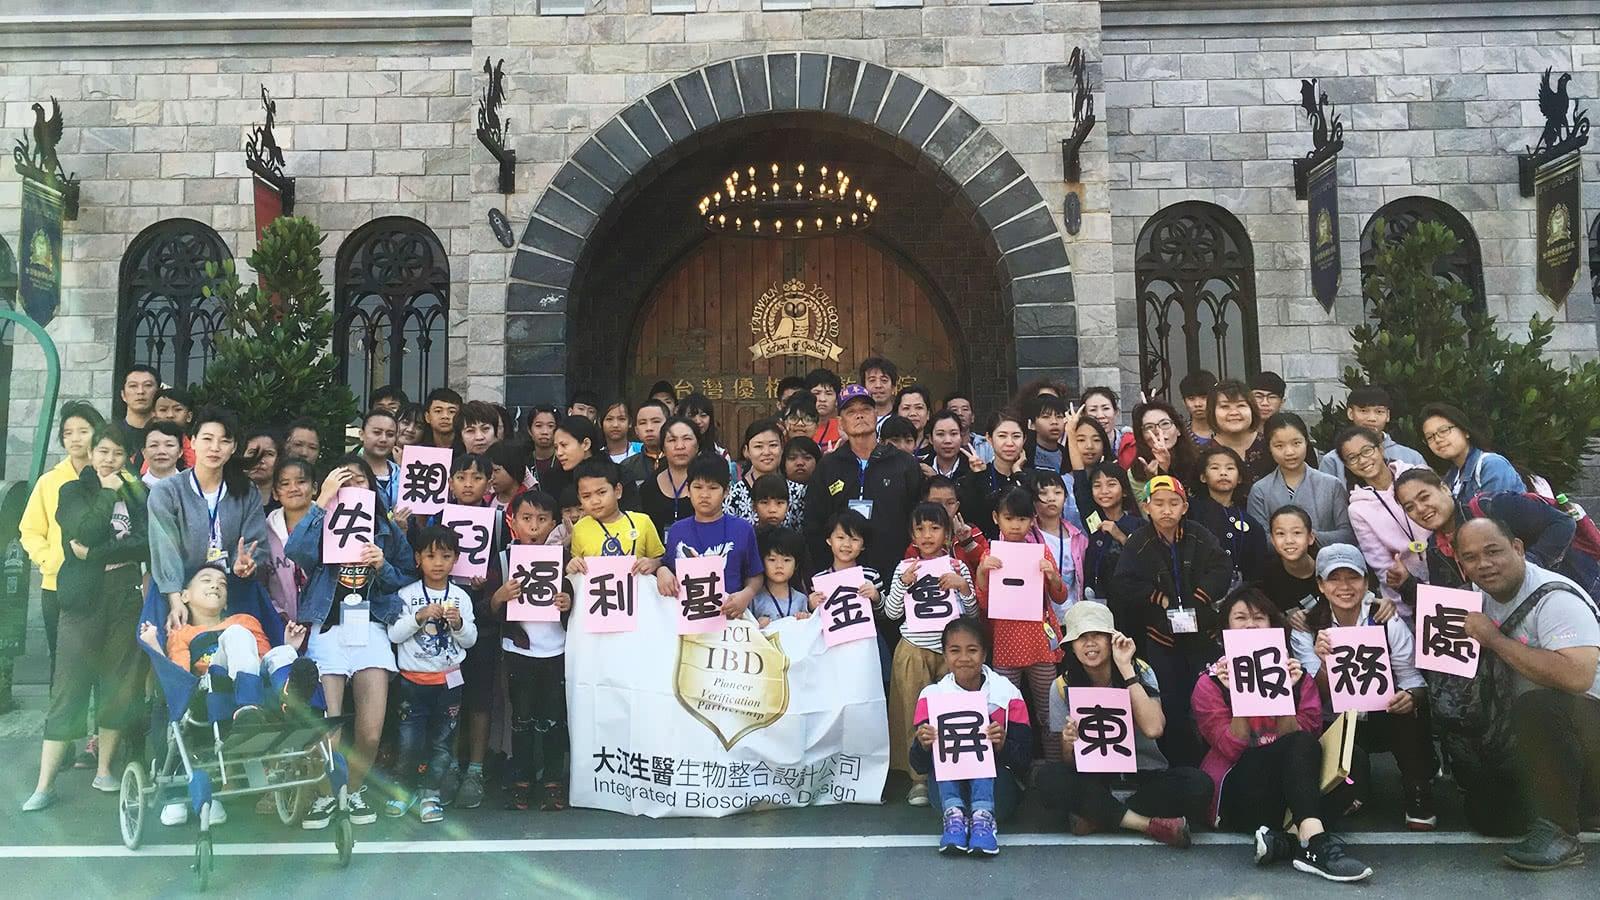 2017年 TCI 大江生医 台中人文科学营 屏东失亲儿基金会